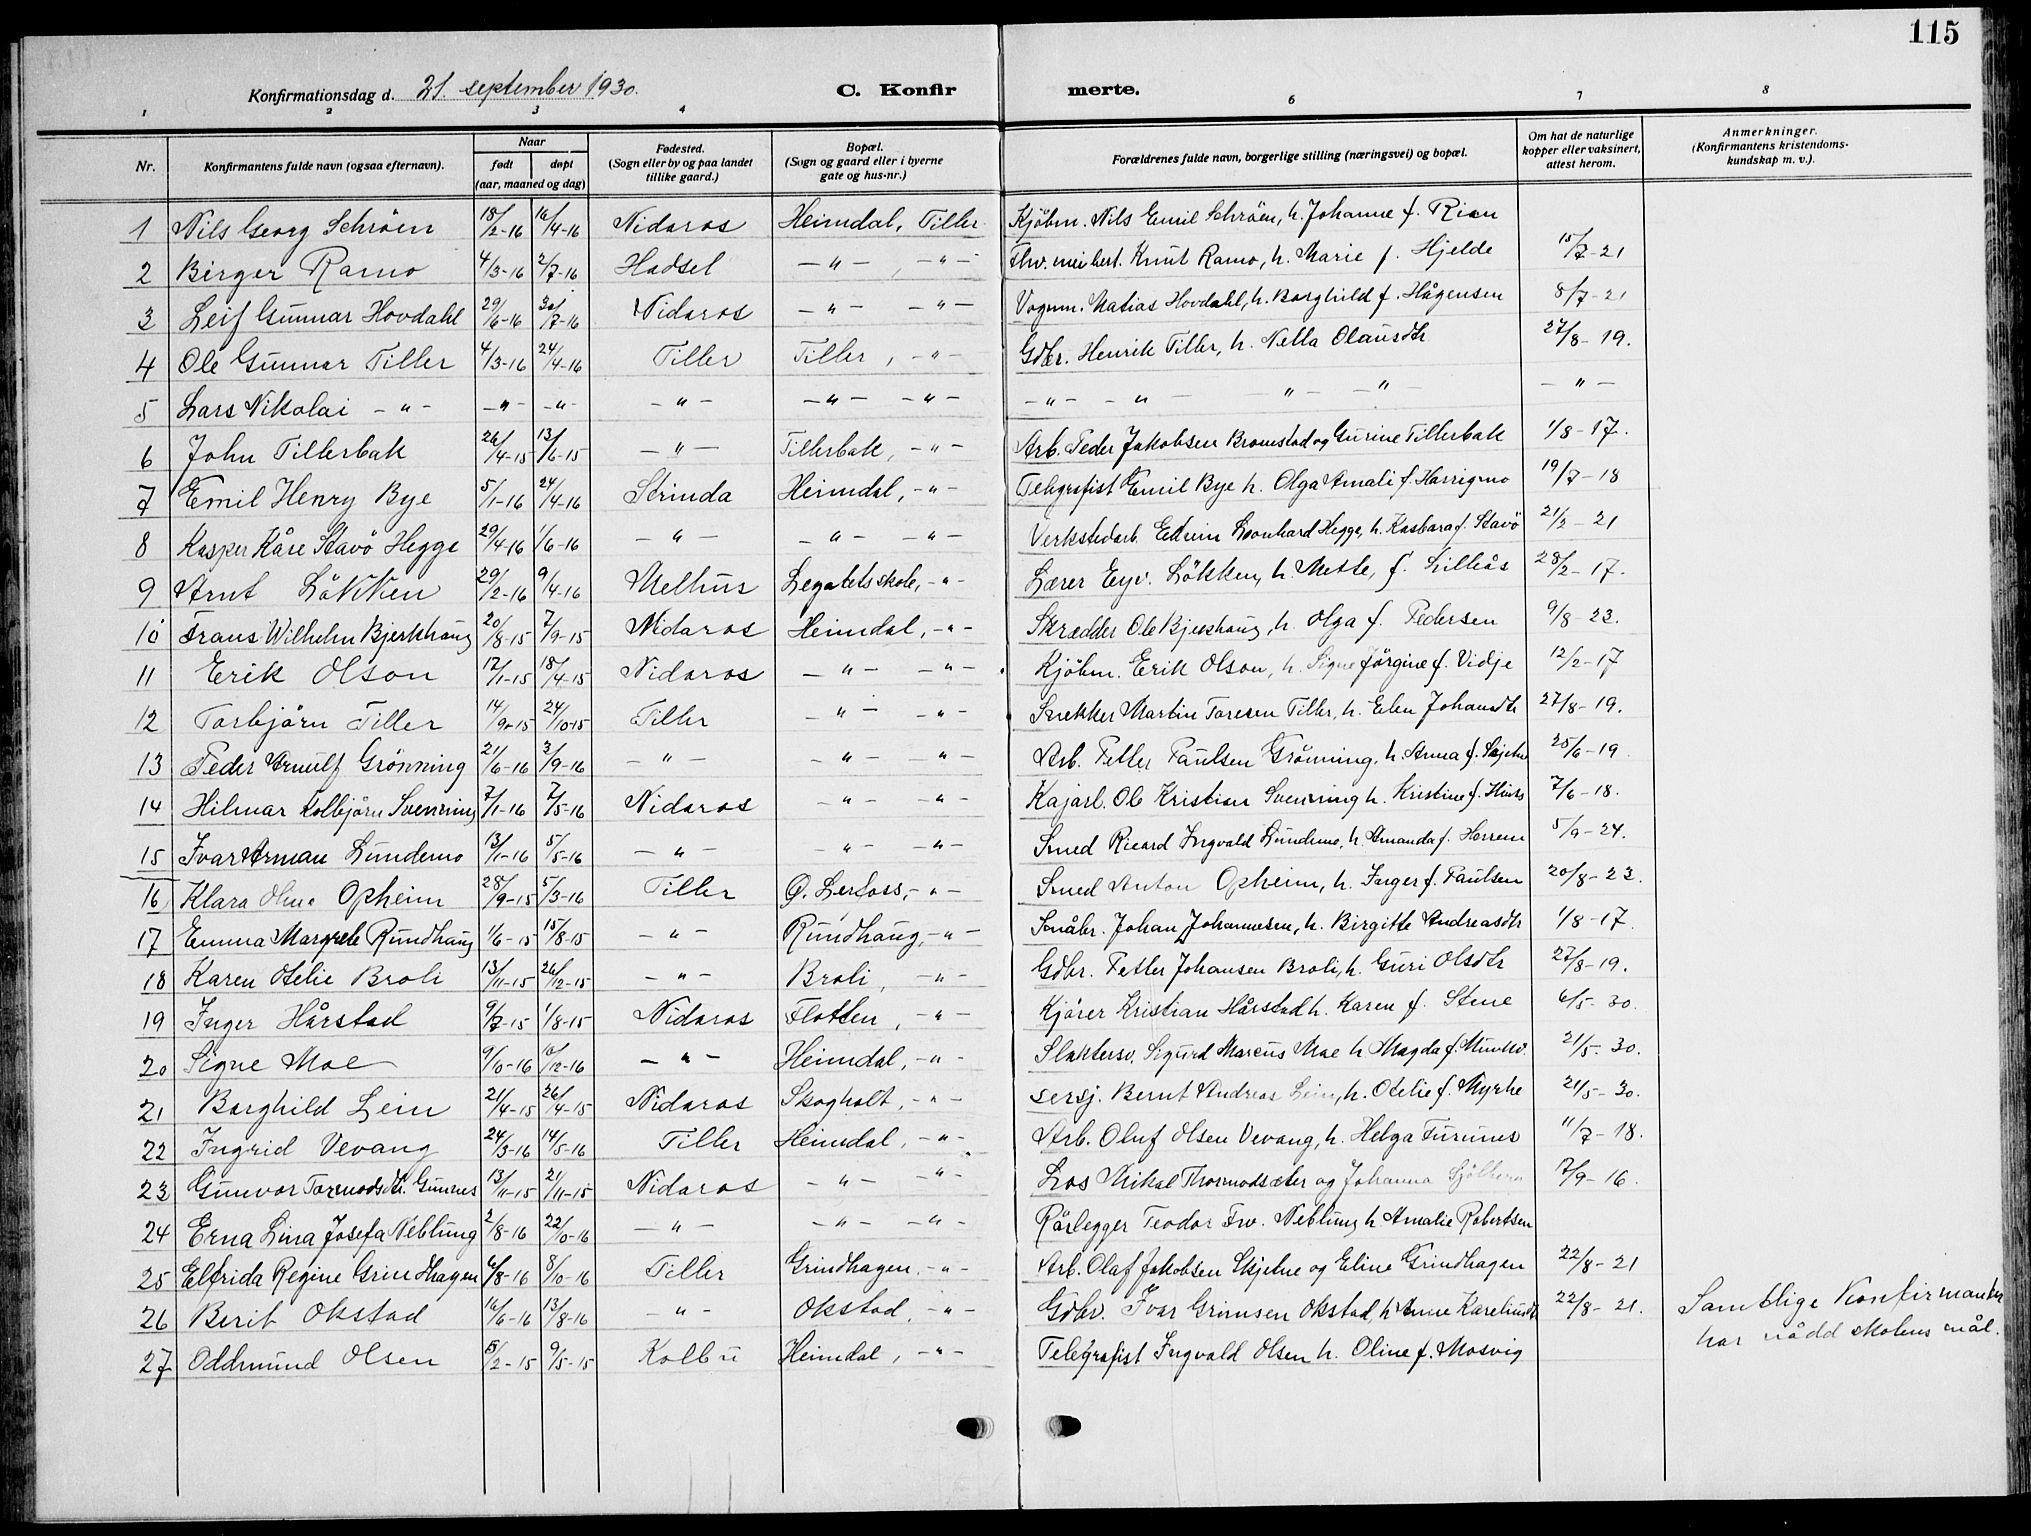 SAT, Ministerialprotokoller, klokkerbøker og fødselsregistre - Sør-Trøndelag, 621/L0462: Klokkerbok nr. 621C05, 1915-1945, s. 115